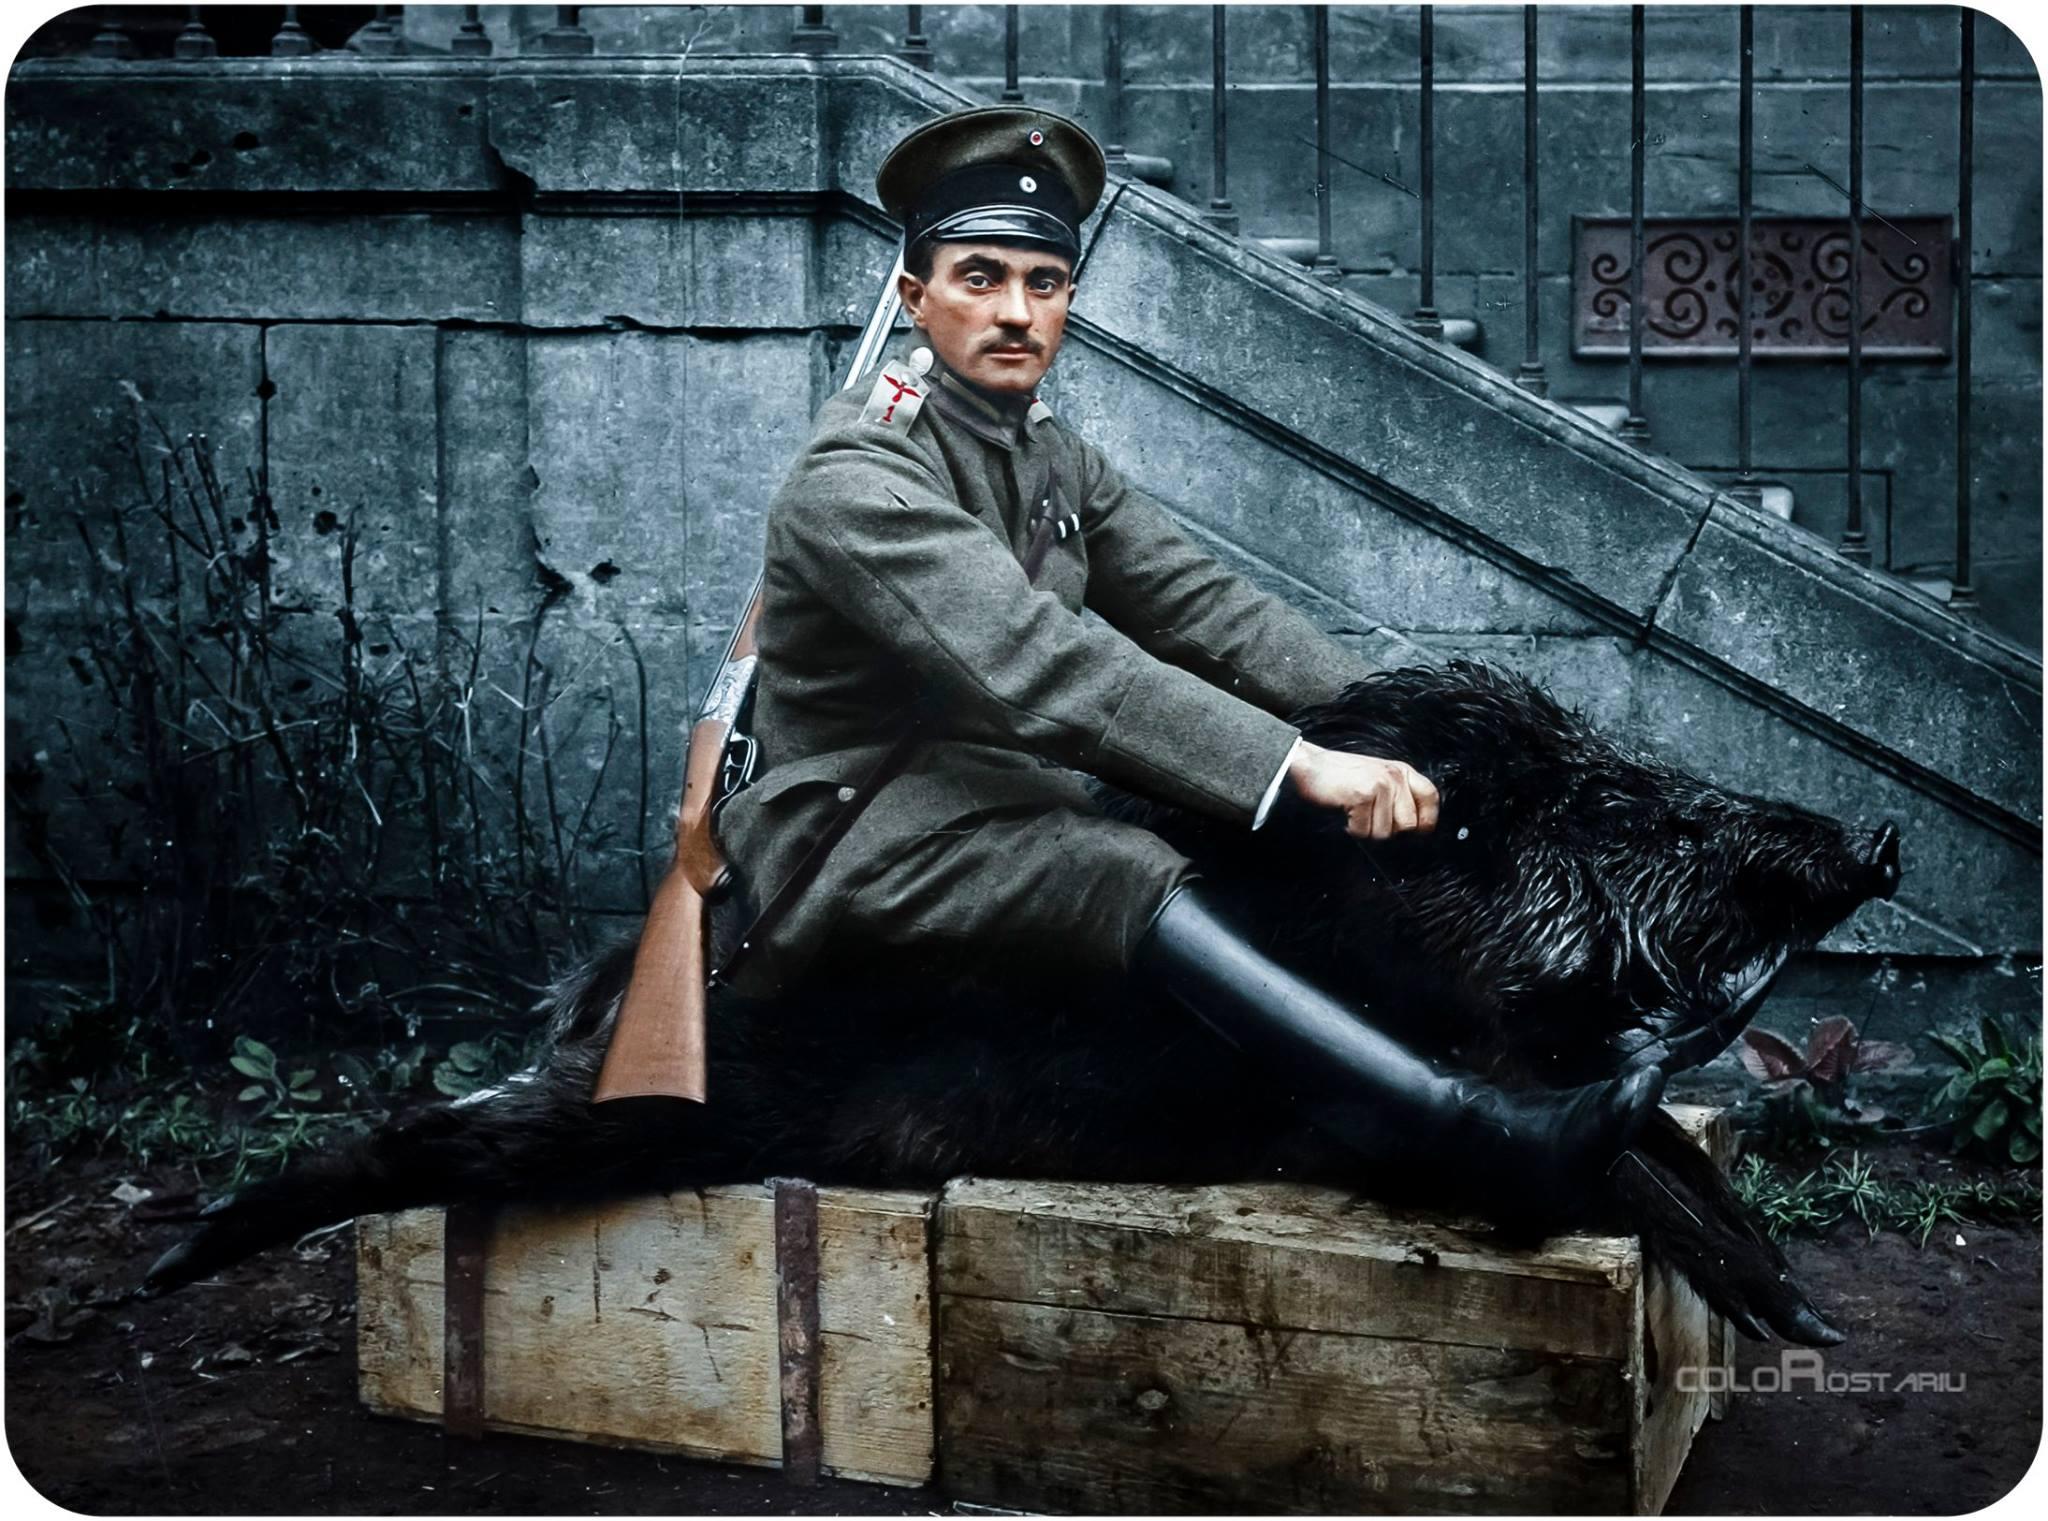 world-war-1-soldier-german-empire-central-powers-serbia-austria-allies-air-force-officer-british.jpg